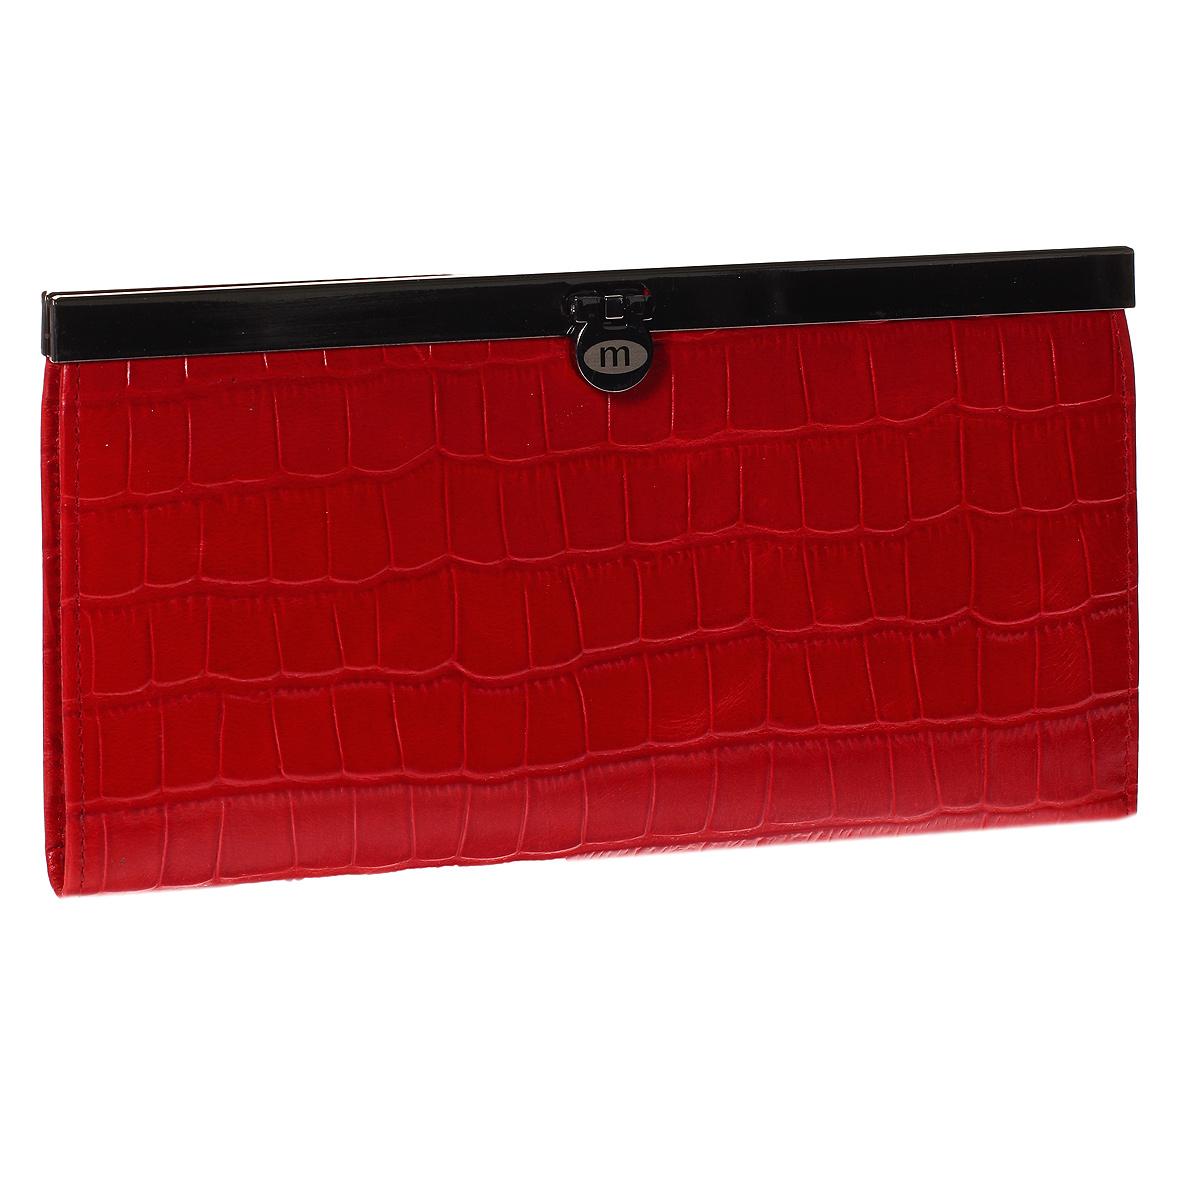 Кошелек Malgrado, цвет: красный. 73003-43702#73003-43702#Стильный кошелек Malgrado выполнен из лаковой натуральной кожи красного цвета с декоративным тиснением под крокодила. Внутри содержит два горизонтальных кармана из кожи для бумаг, четыре кармашка для кредитных карт, два кармашка со вставками из прозрачного пластика, отделение на молнии для мелочи и четыре отделения для купюр. Кошелек упакован в подарочную металлическую коробку с логотипом фирмы. Такой кошелек станет замечательным подарком человеку, ценящему качественные и практичные вещи.